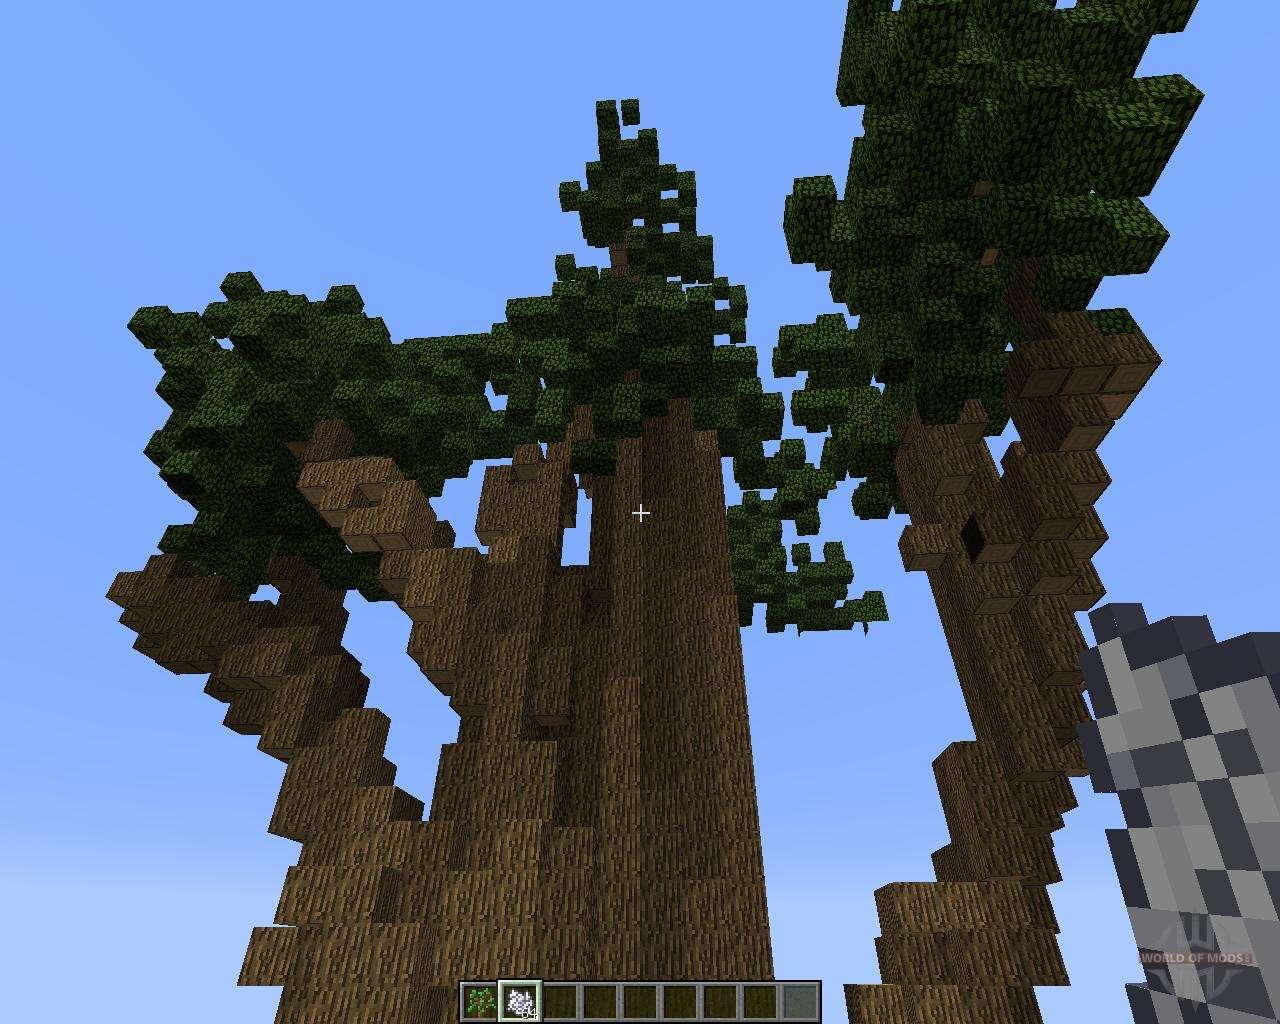 большие деревья мод 1.8.0 майнкрафт #7